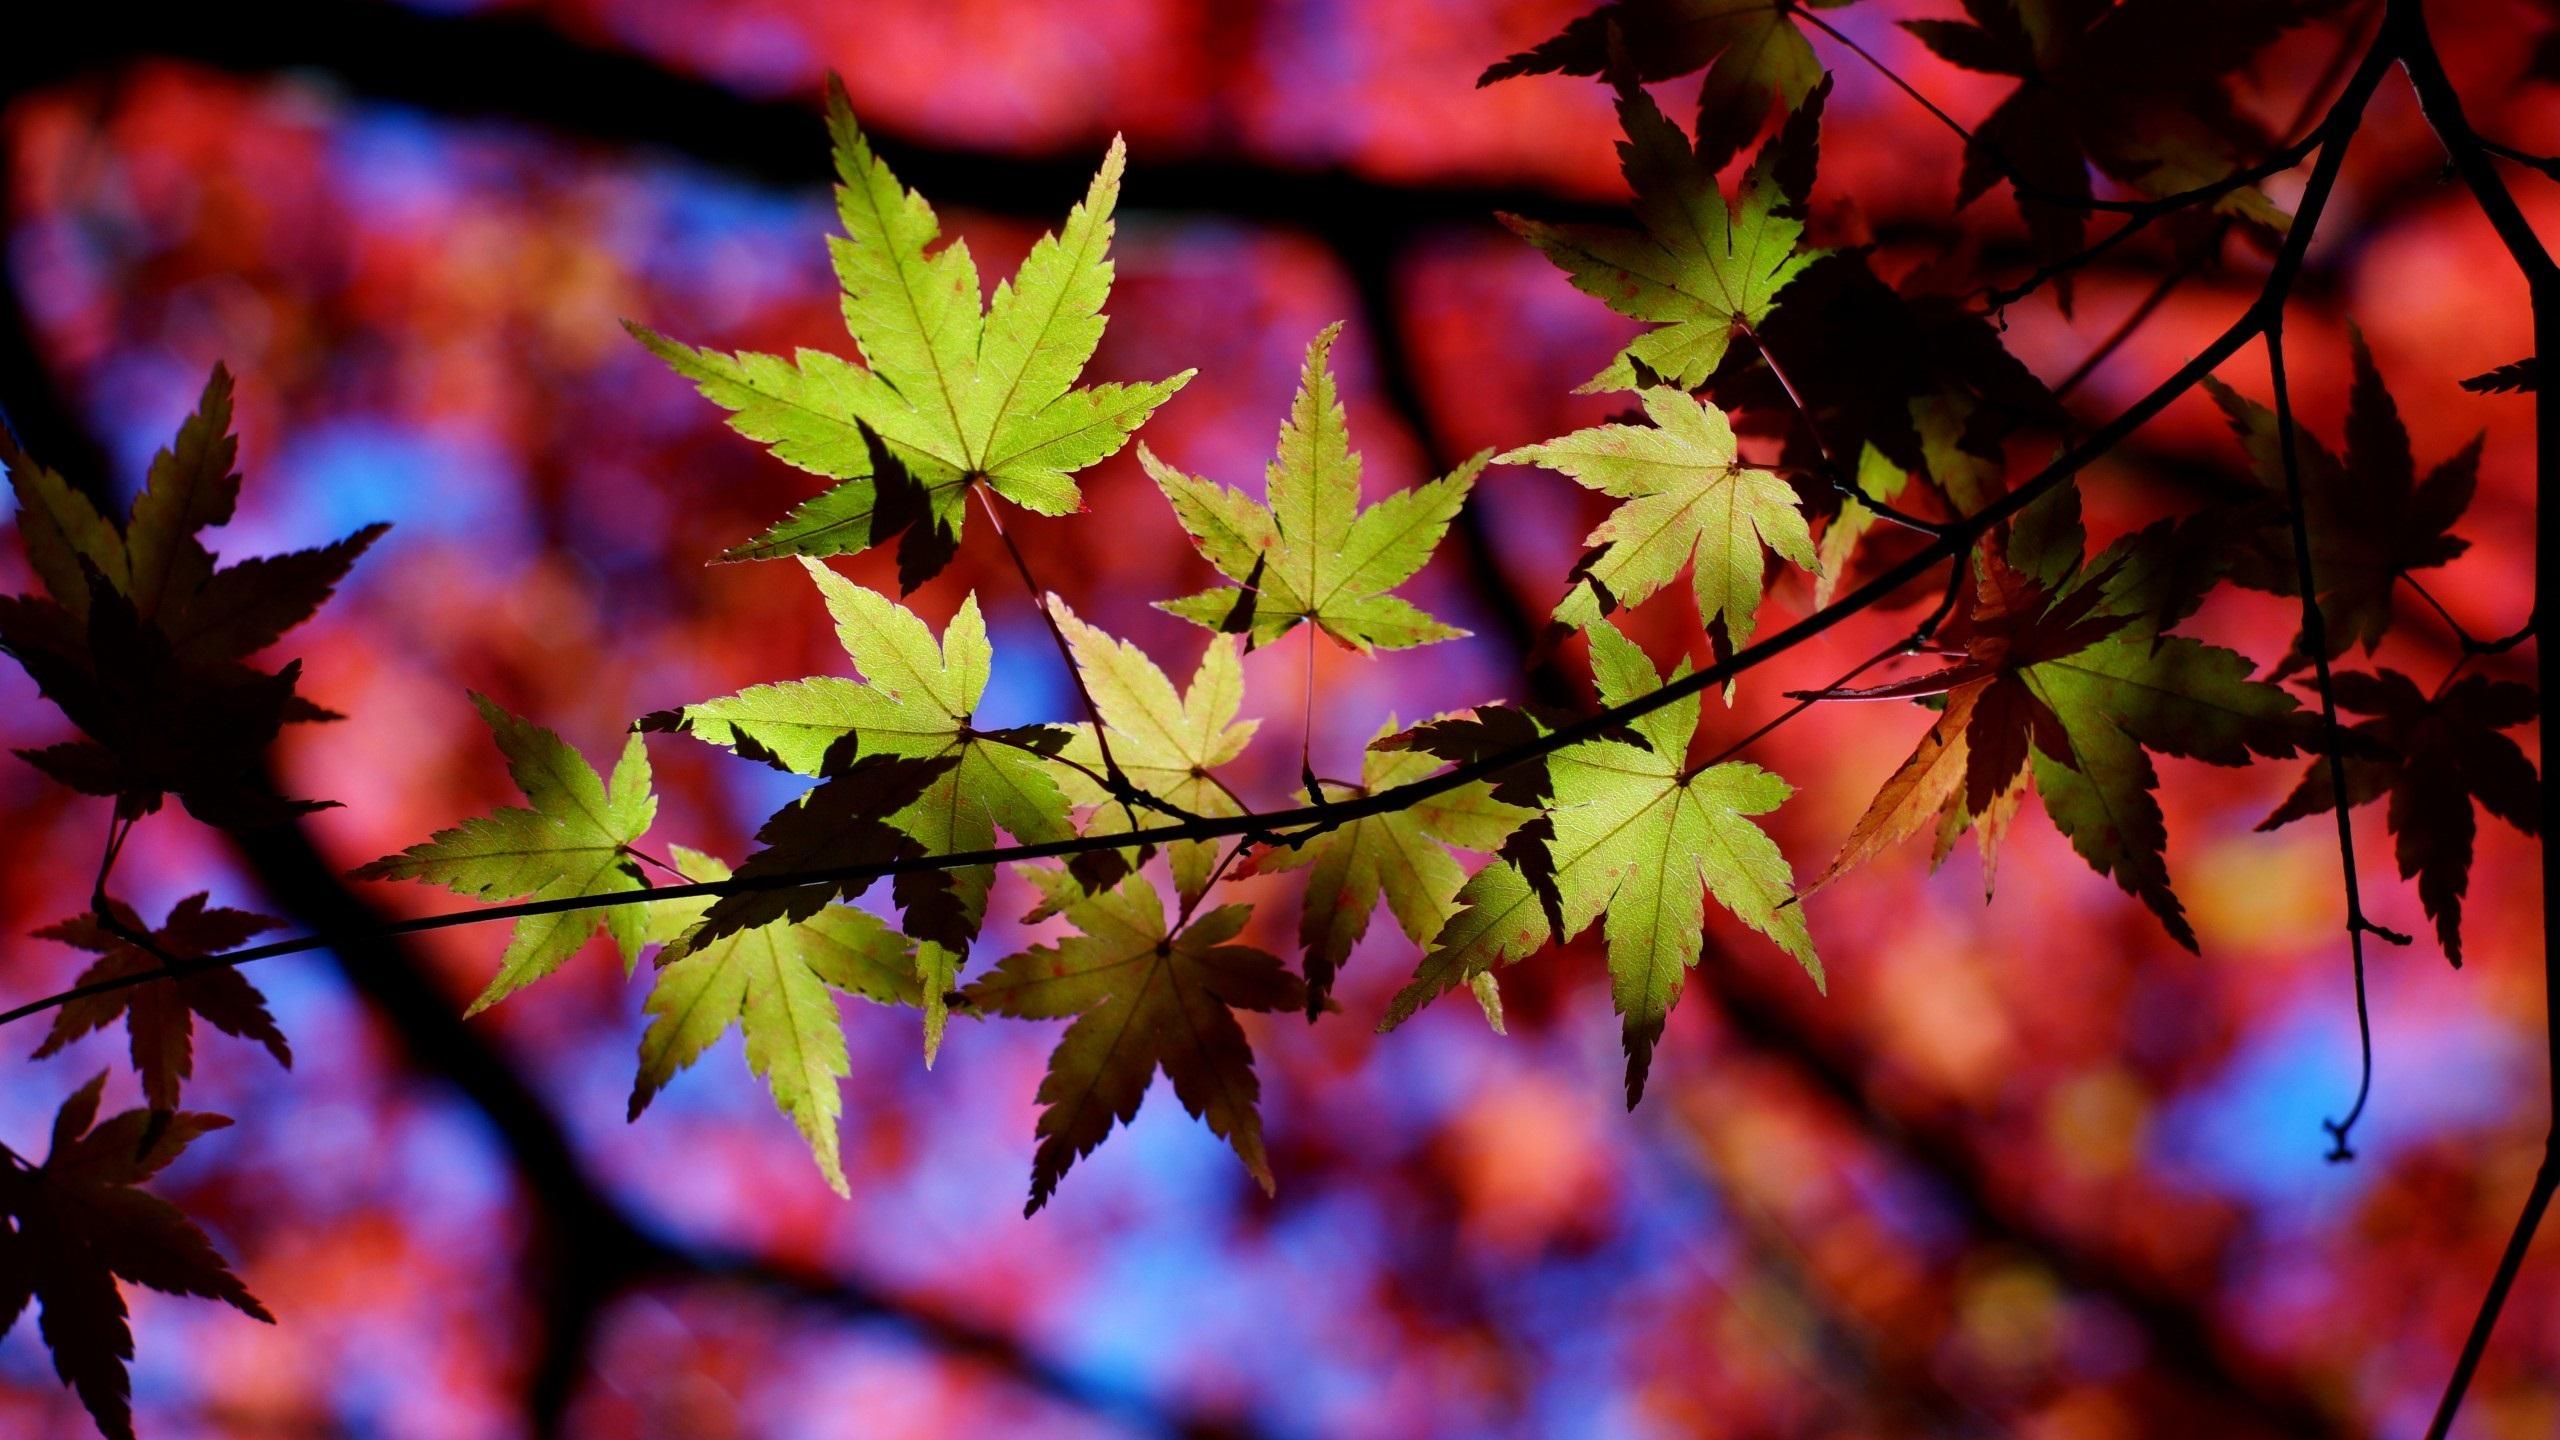 Fonds d 39 cran t l charger 2560x1440 automne arbre for Fond ecran qhd